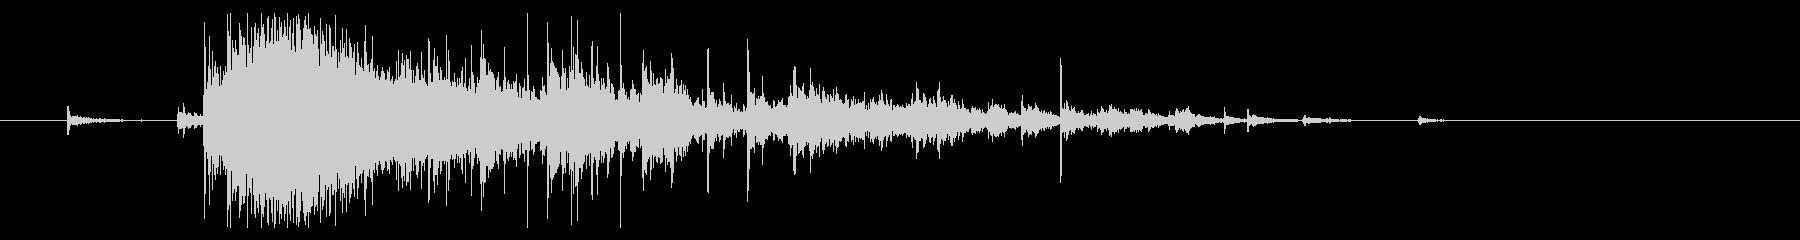 【生録音】お風呂 水の音 12 湯船出るの未再生の波形